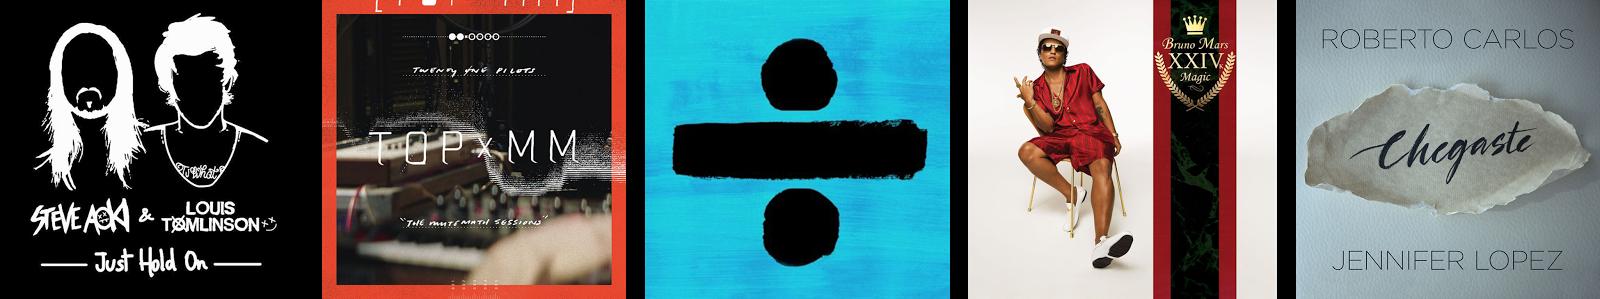 Current Soundtrack #1: estreia da rubrica